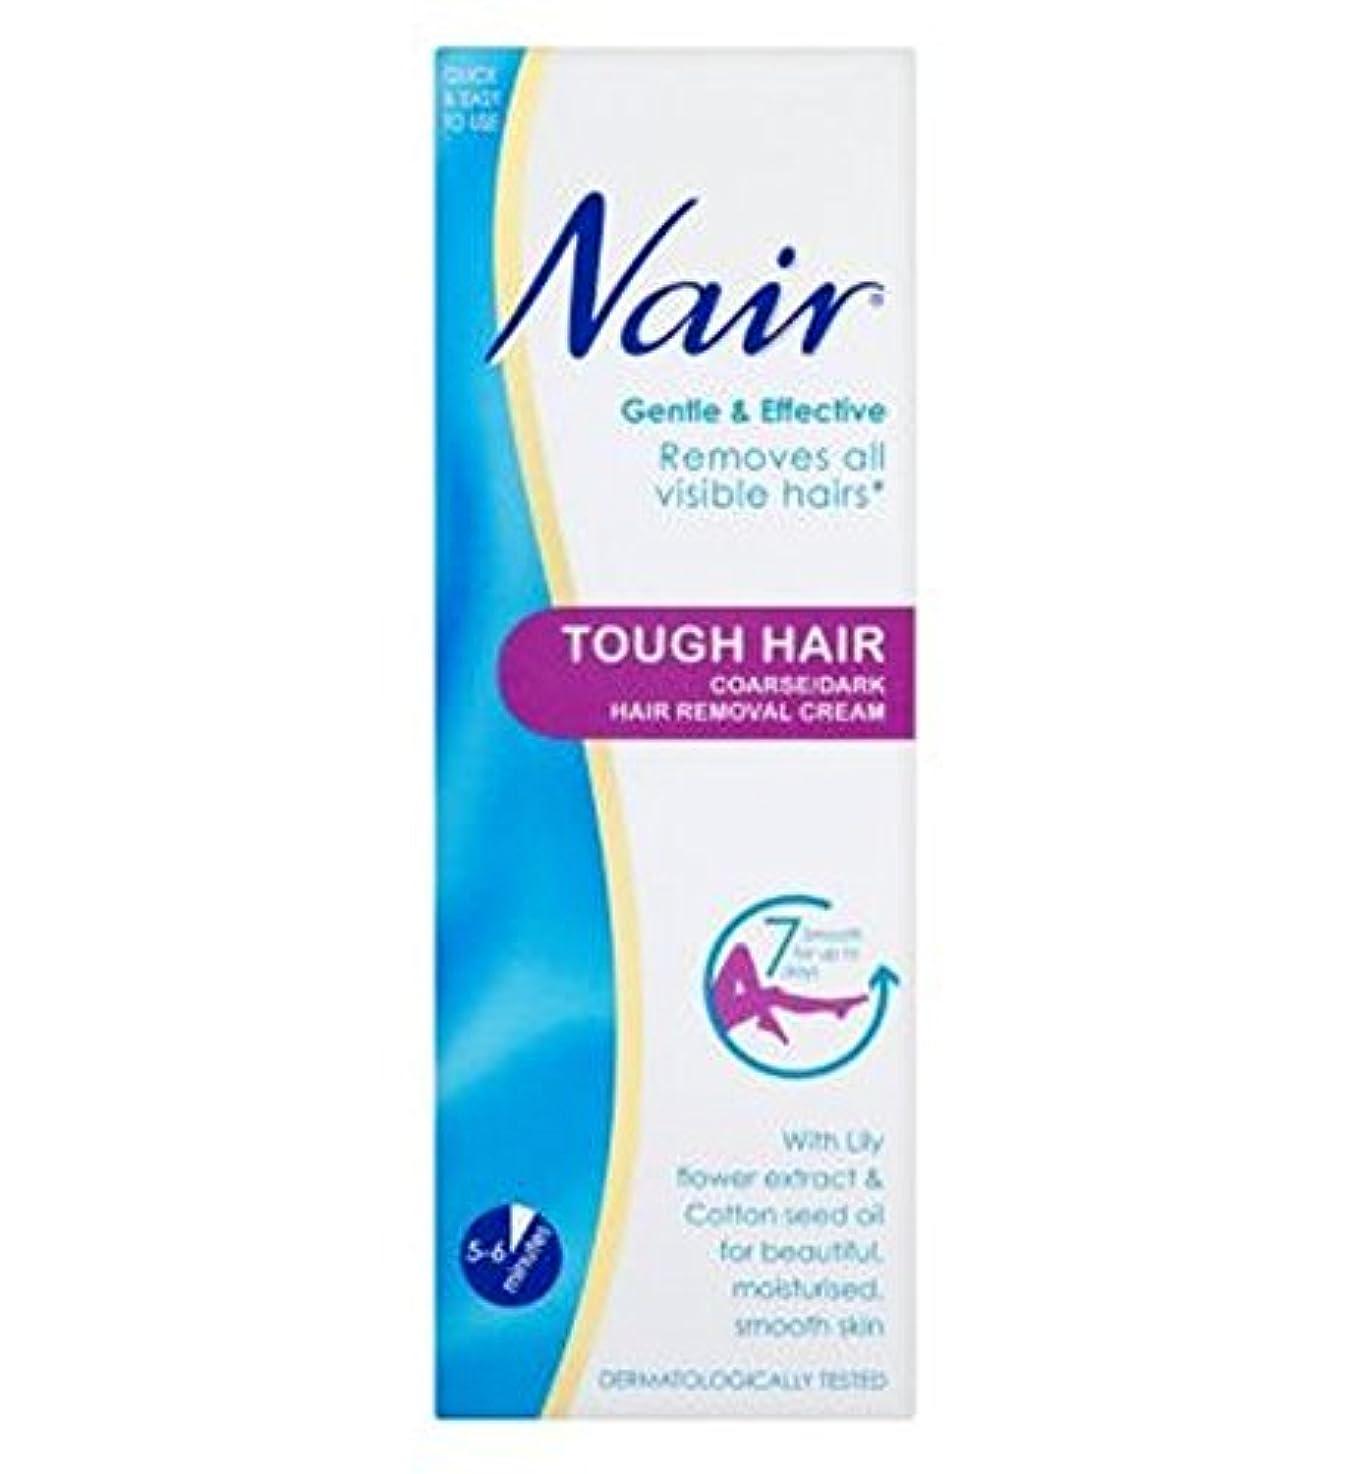 下るシチリアぐるぐるNair Tough Hair Hair Removal Cream 200ml - ナイールタフな毛脱毛クリーム200ミリリットル (Nair) [並行輸入品]